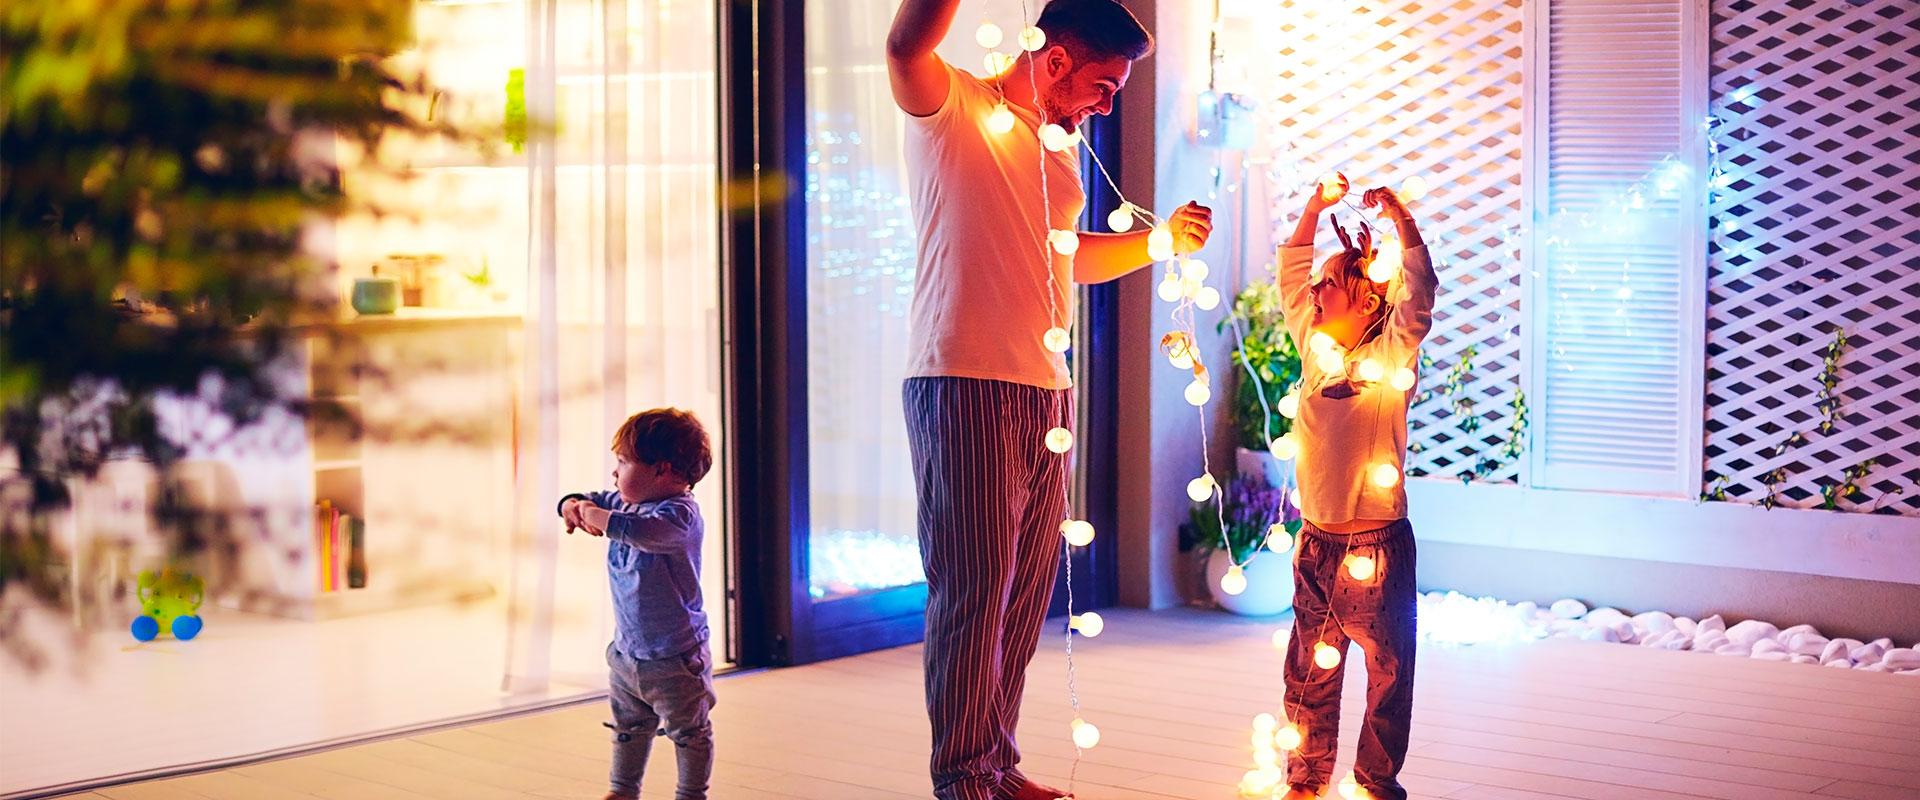 Padre e hijos adornando la casa con luces para una fiesta de Navidad.